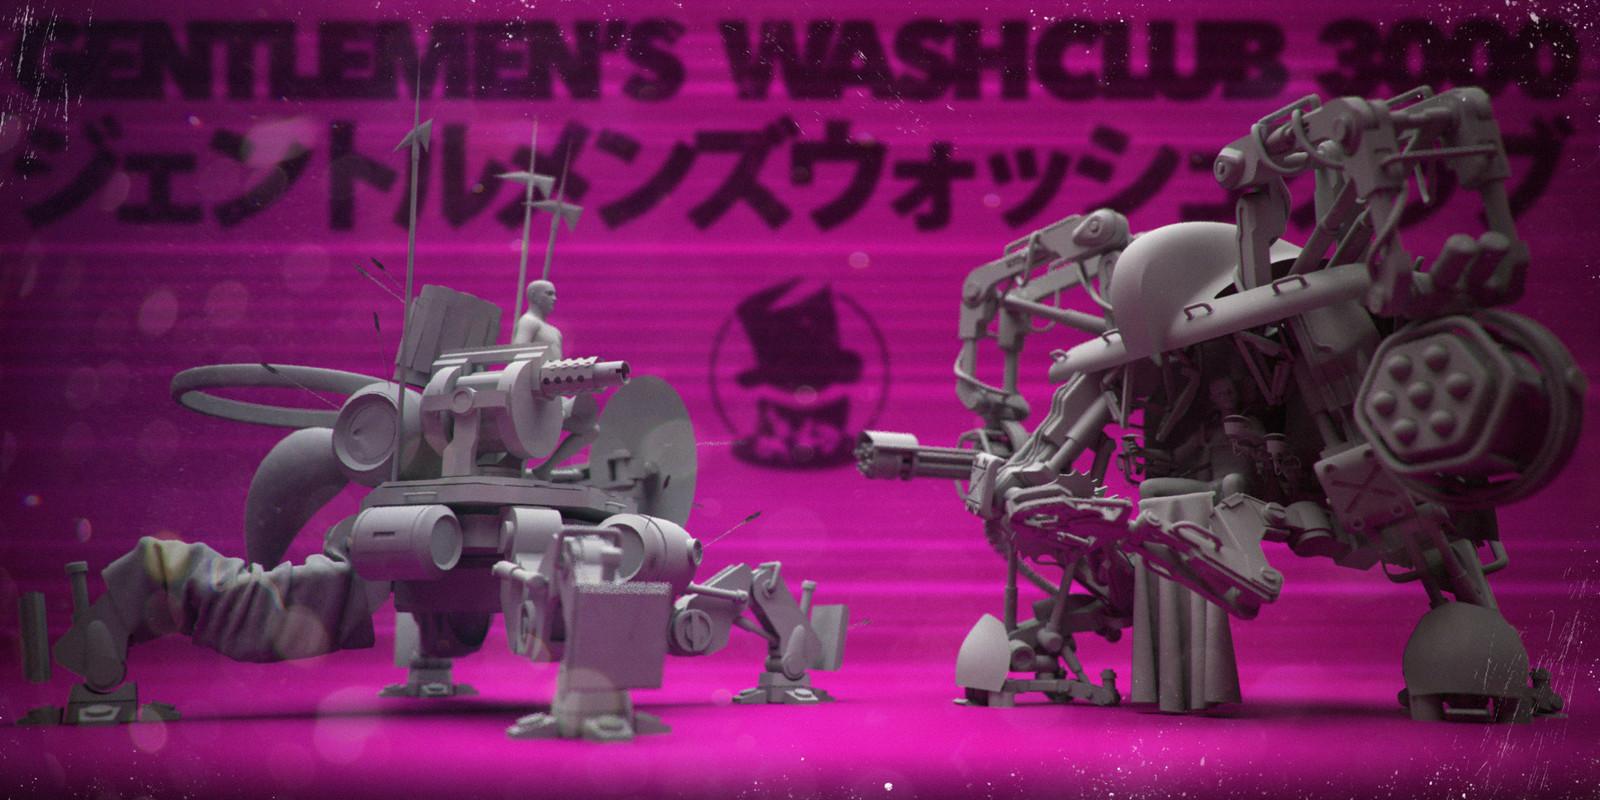 Gentlemen's Wash Club (WIP)